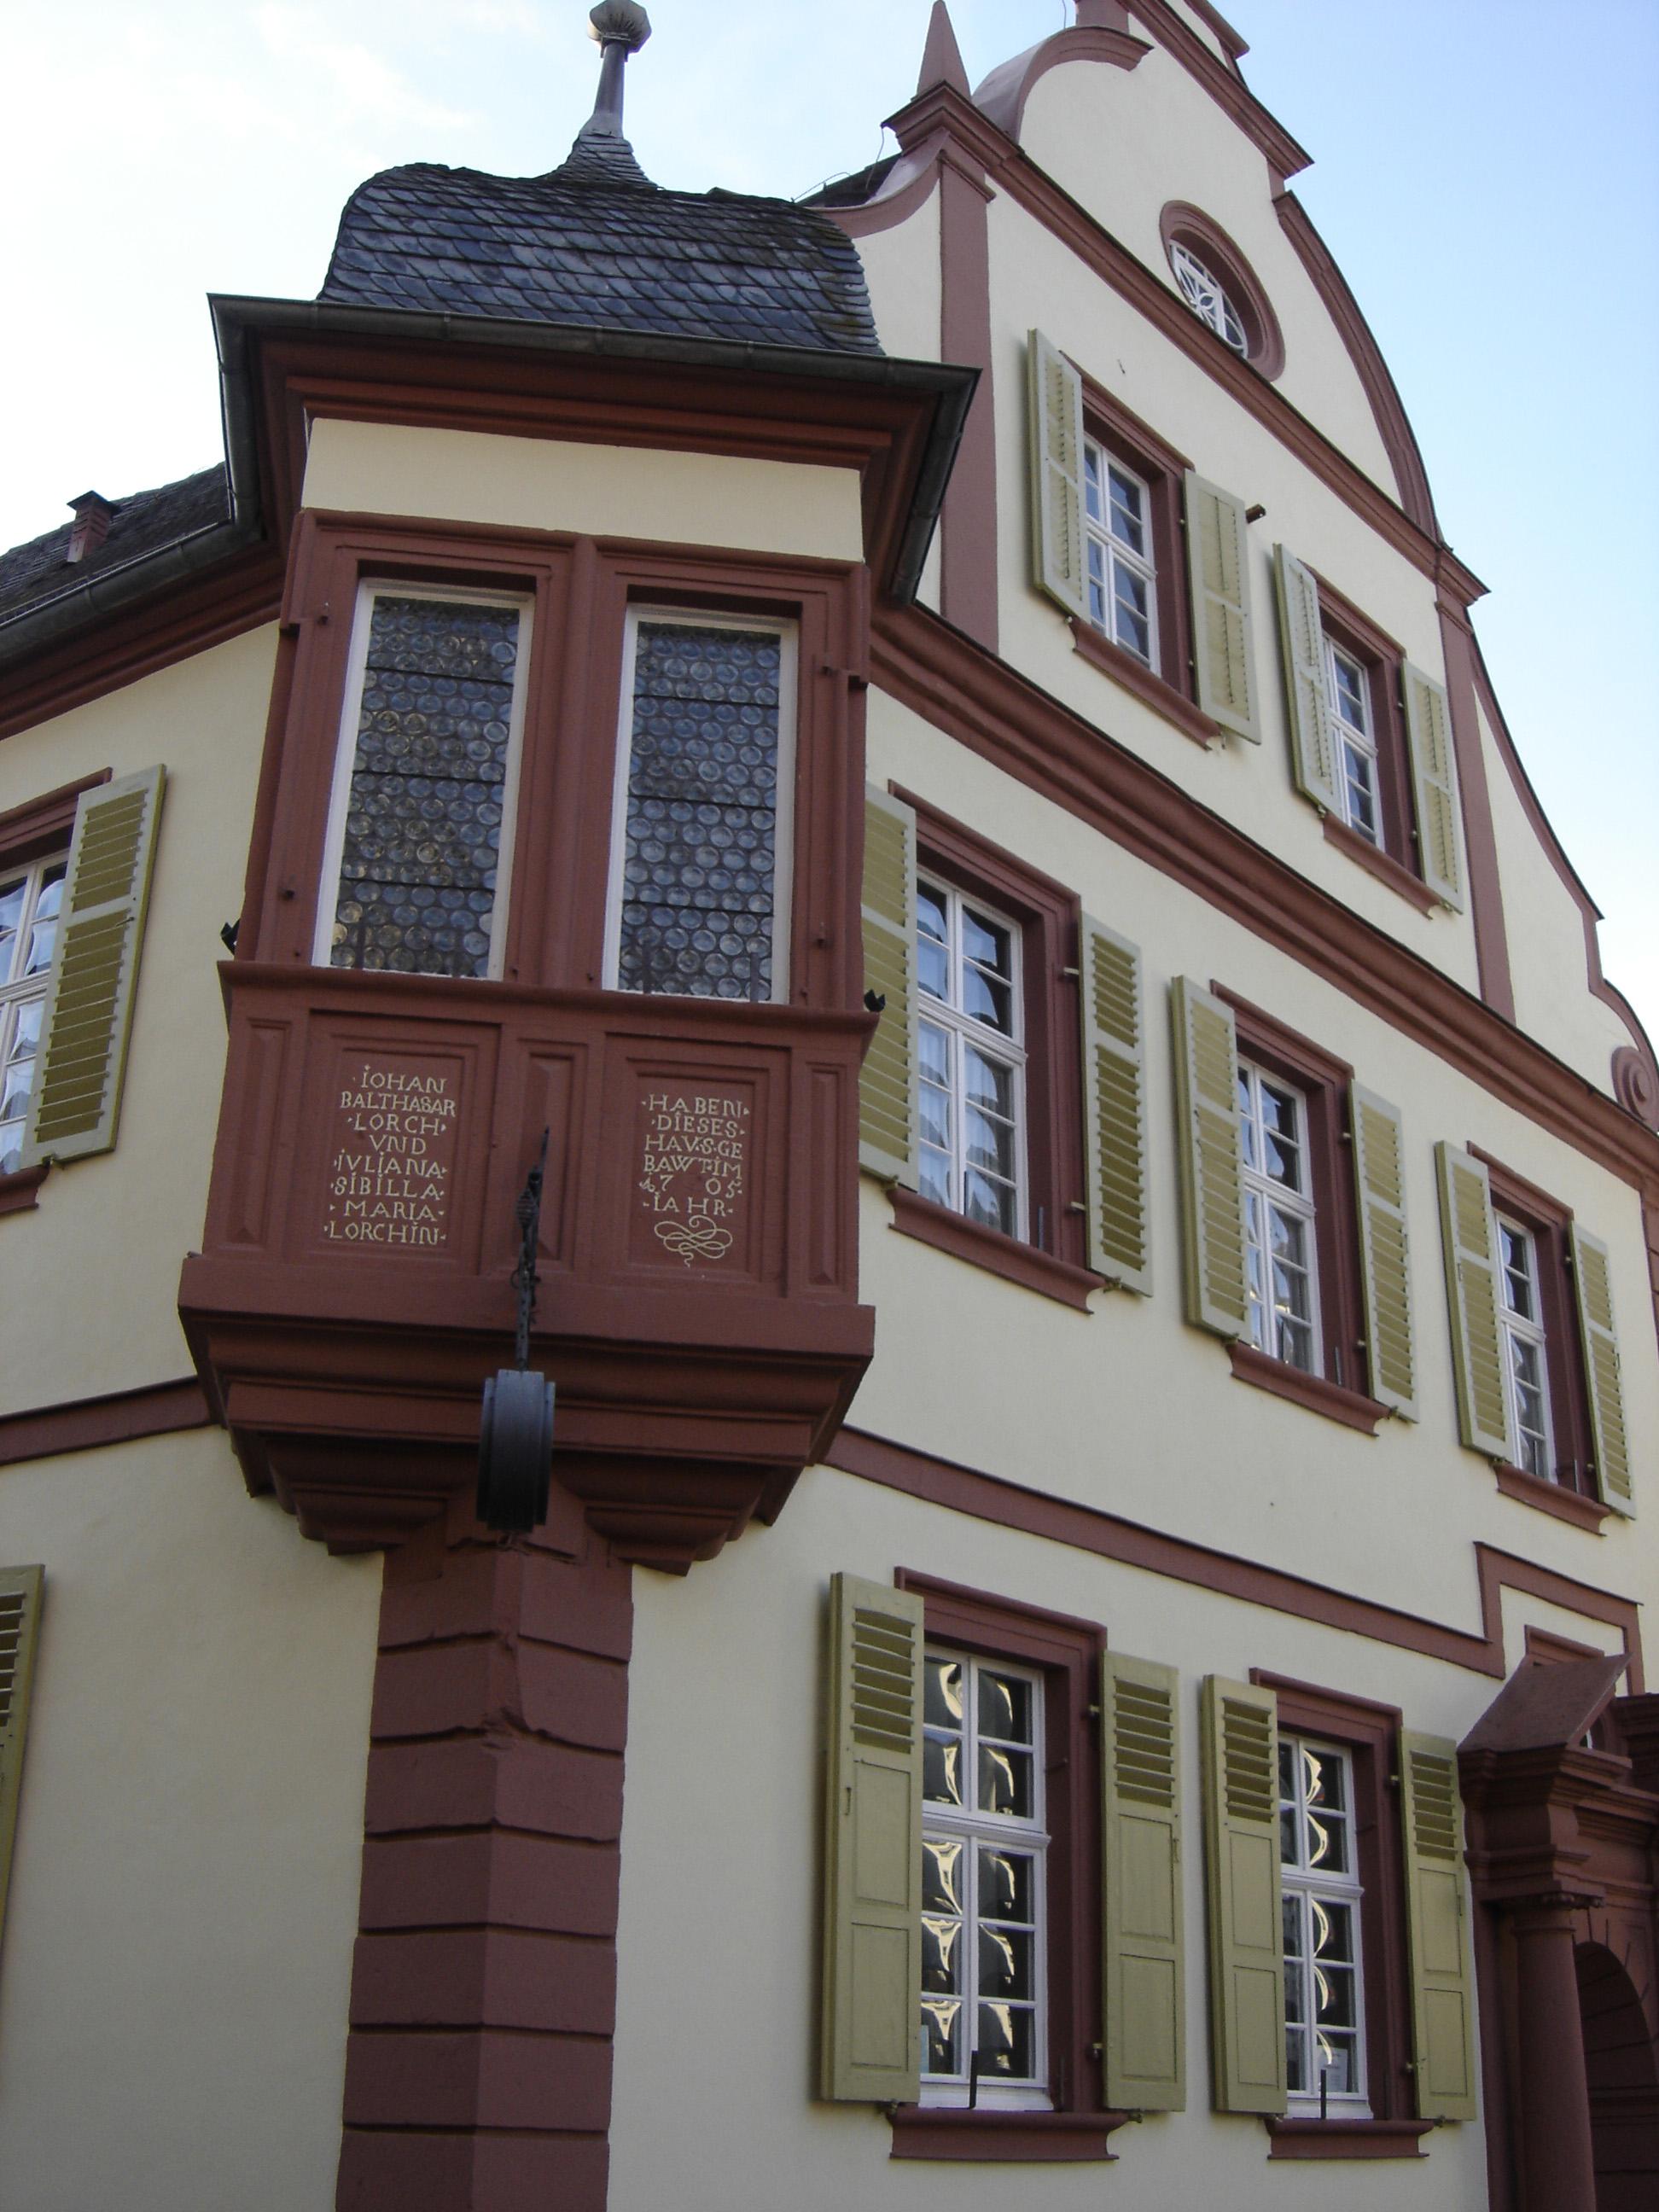 Bergzabern - Haus.JPG